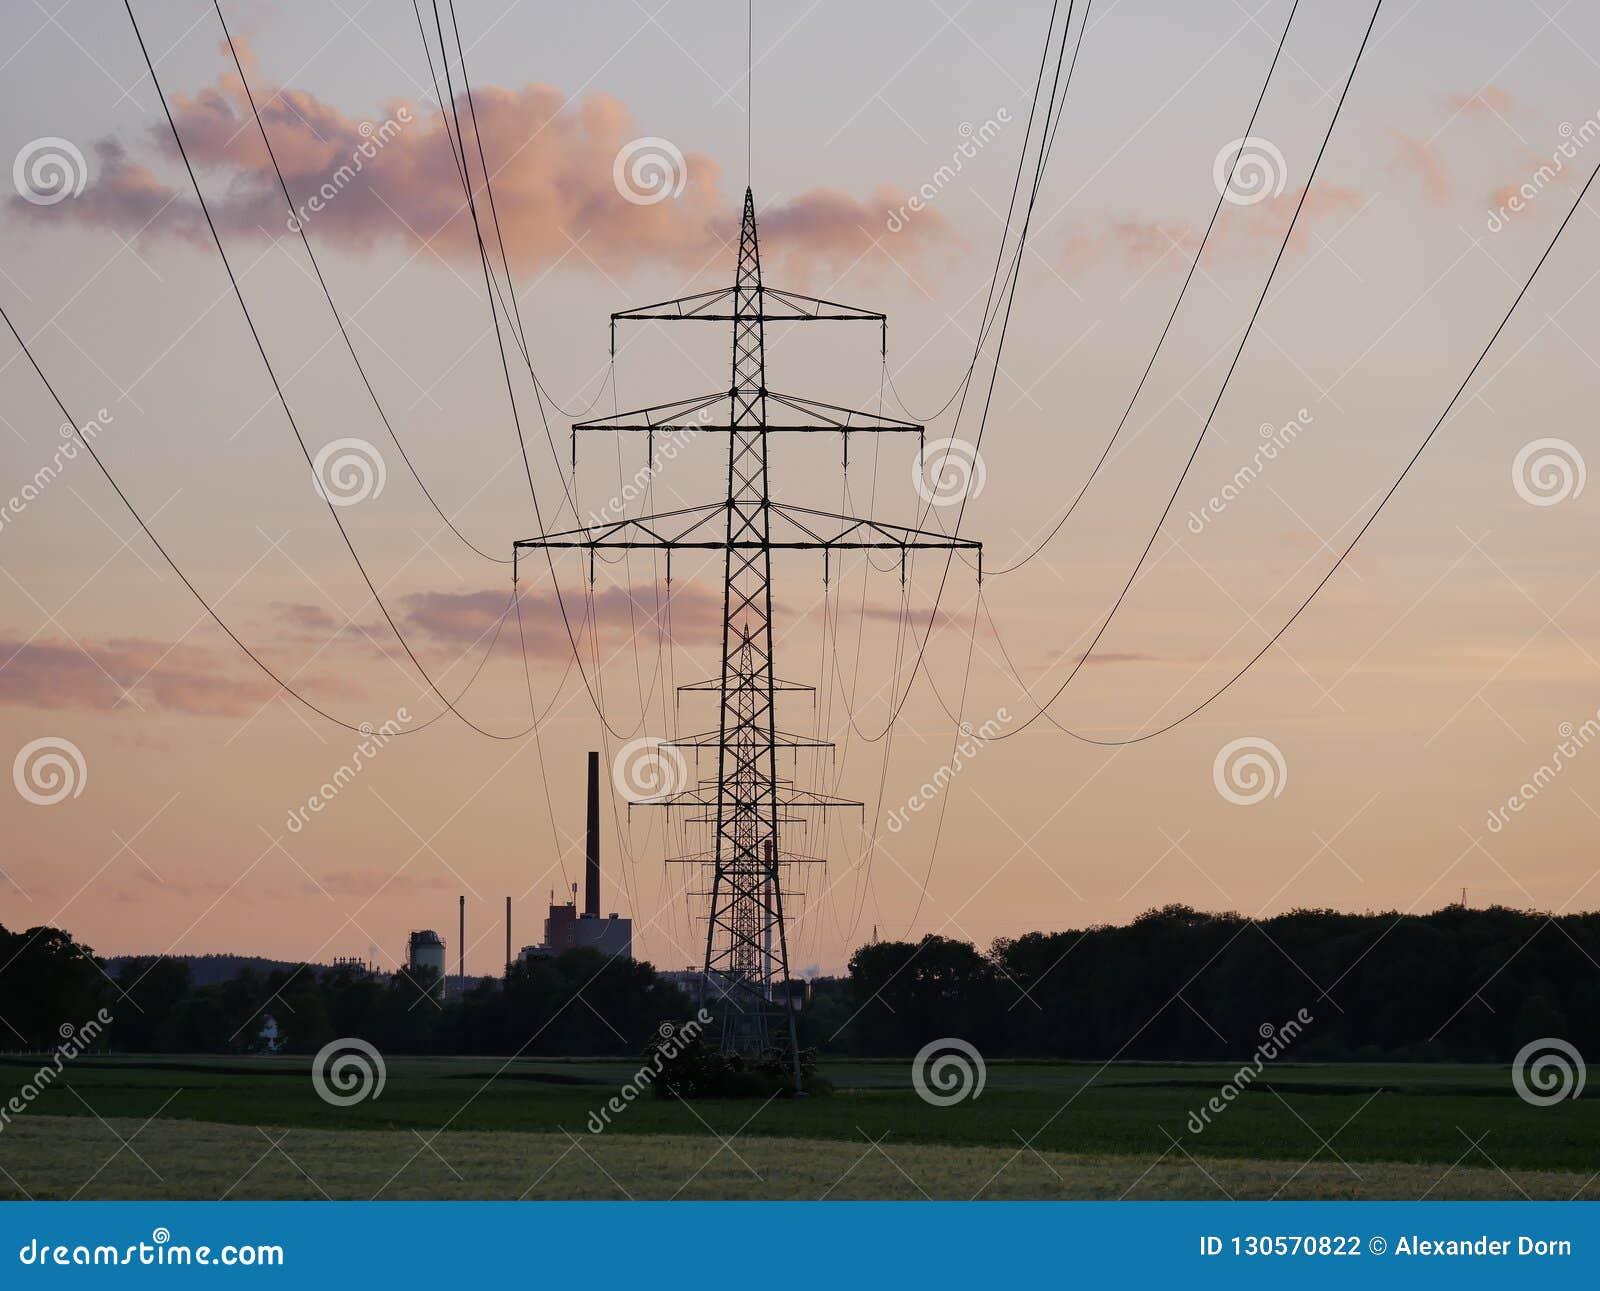 Image de ligne électrique pendant le coucher du soleil avec la centrale